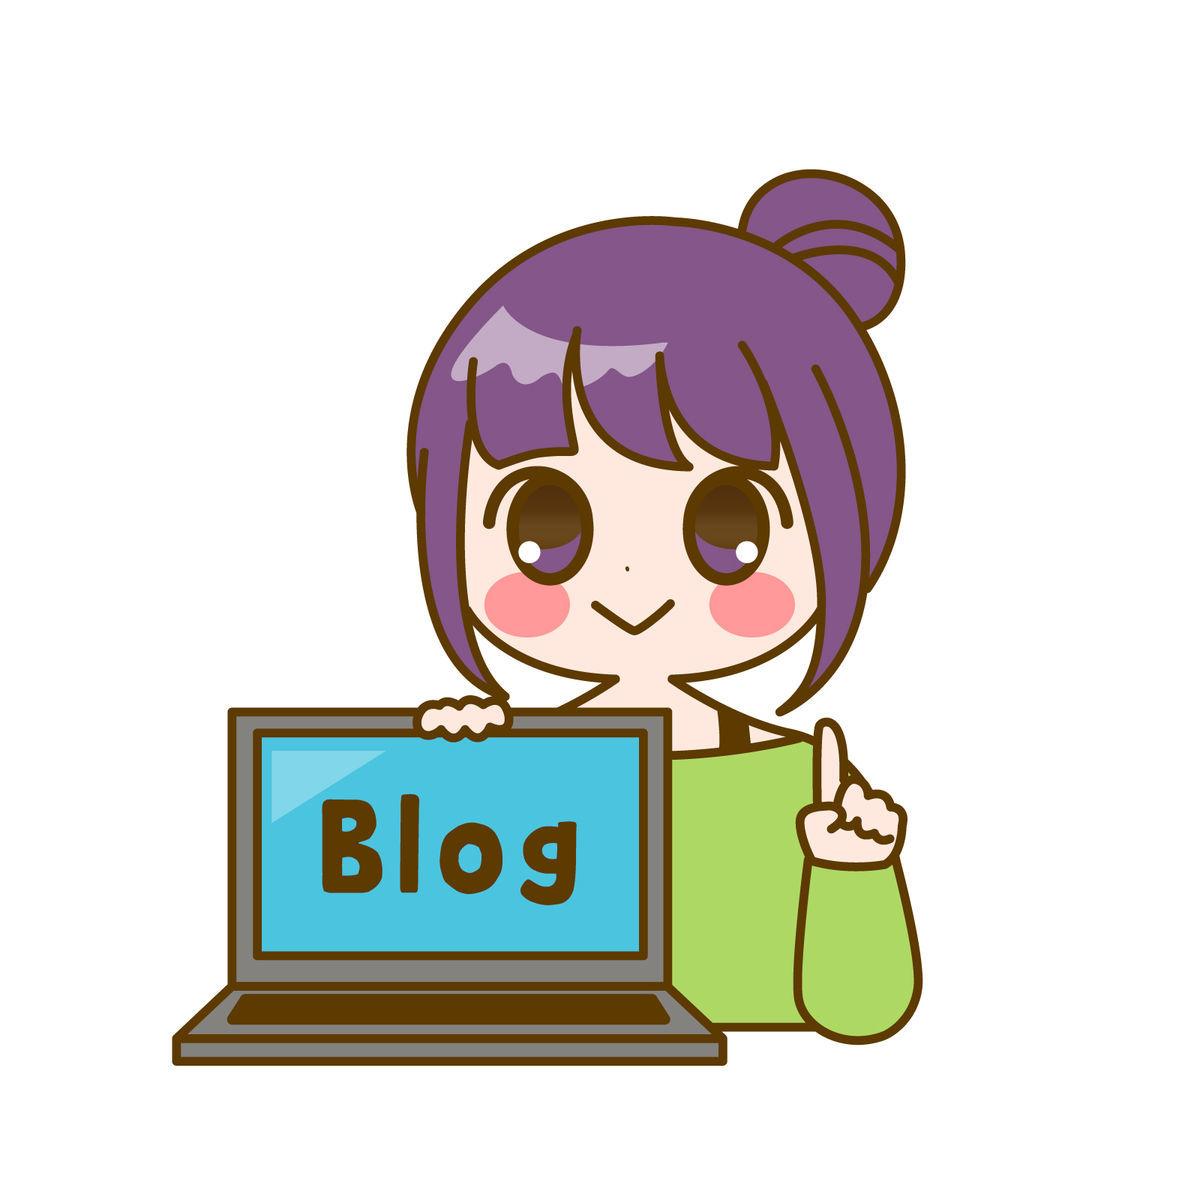 パソコンでブログを作成する